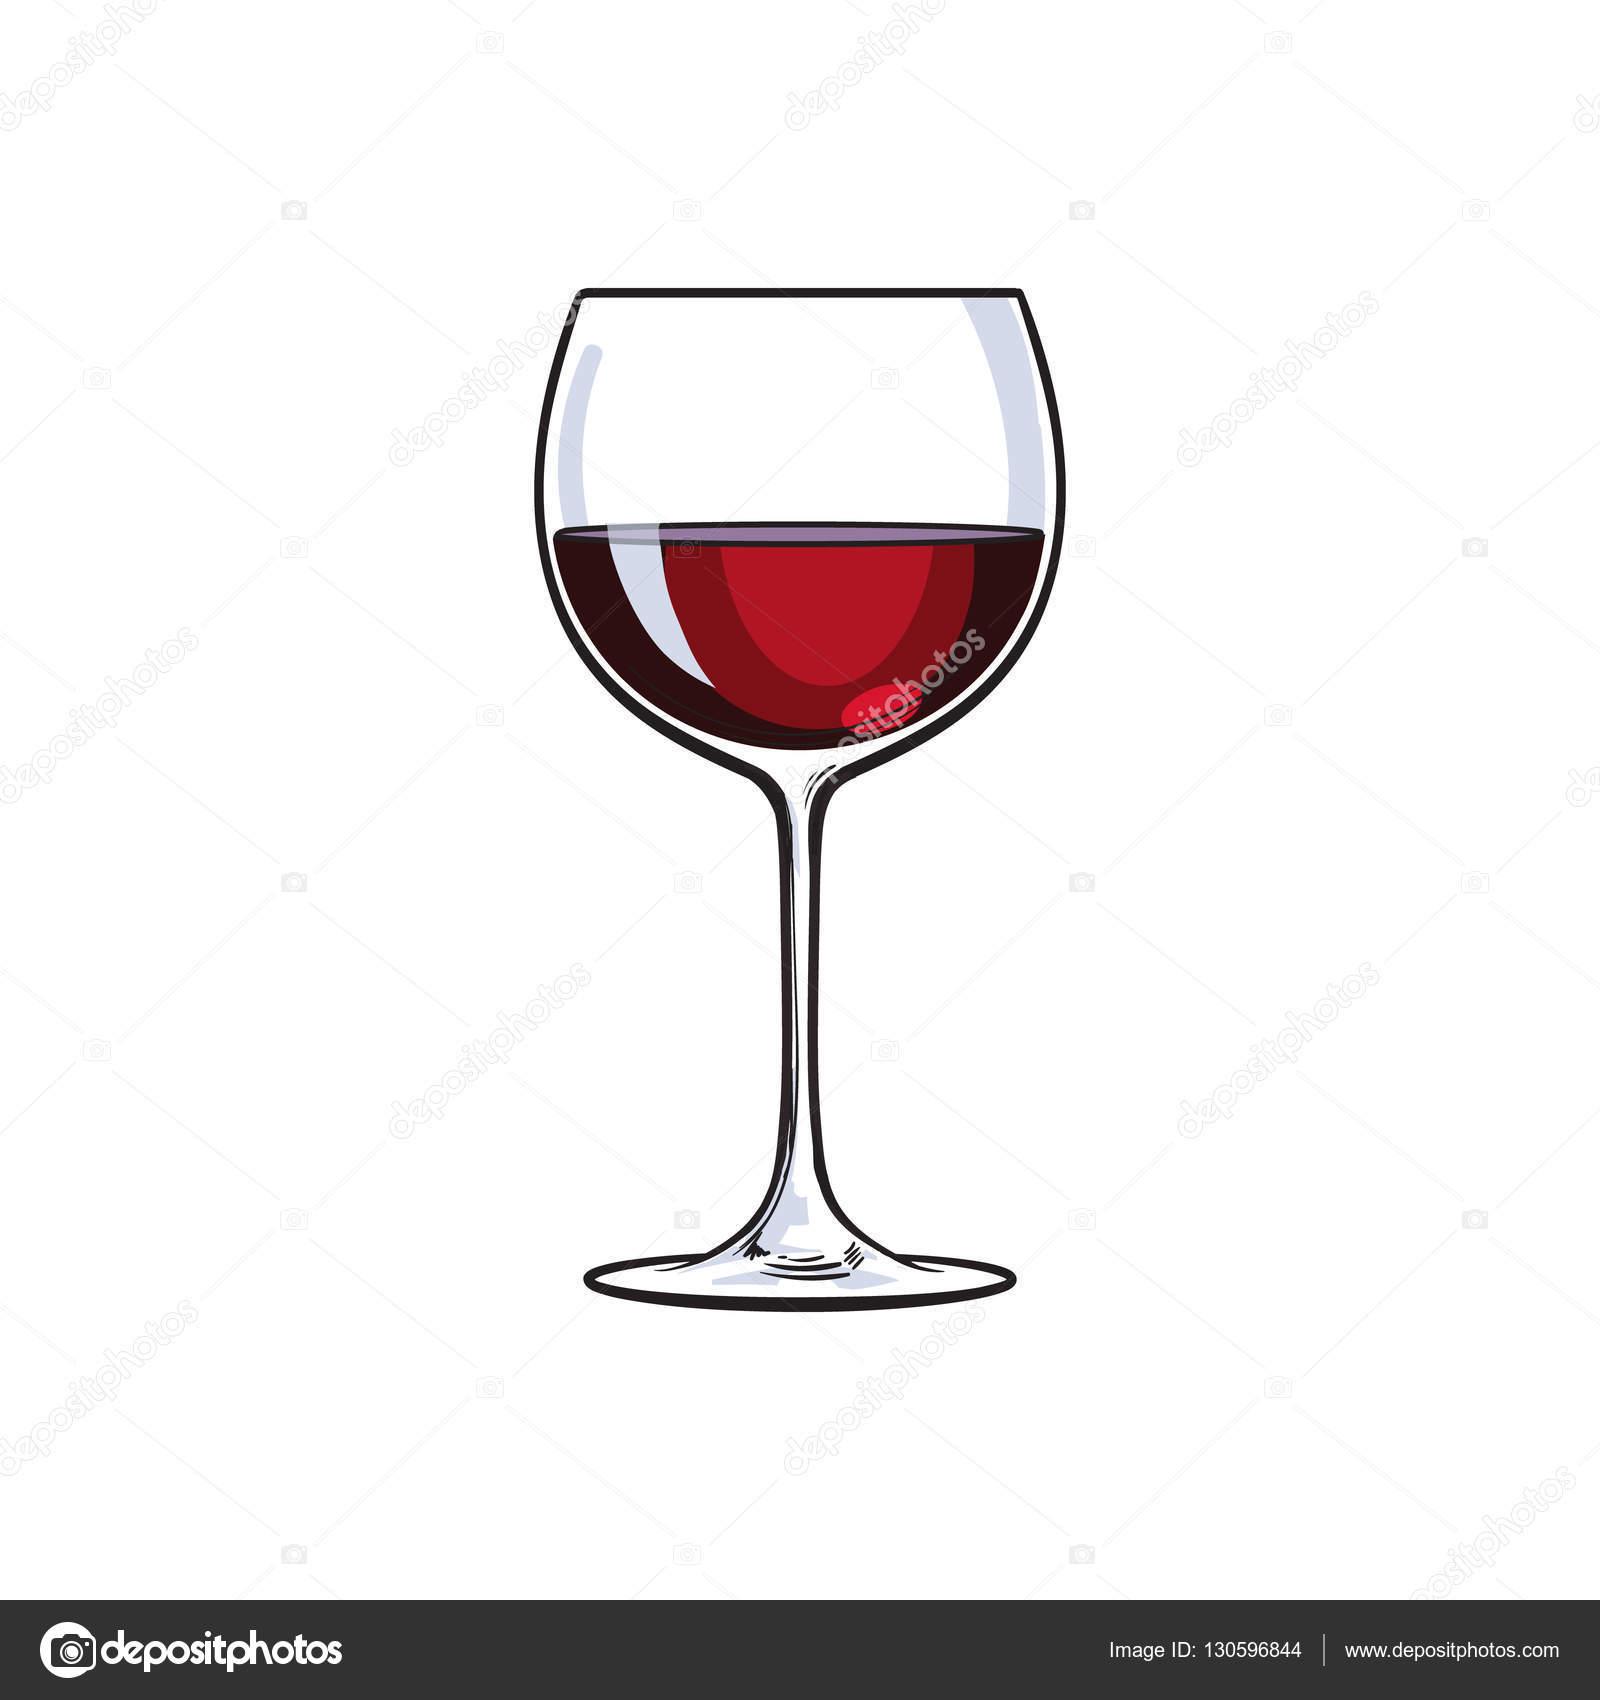 Verre de vin rouge illustration de vecteur de croquis isol sur fond blanc image vectorielle - Verre de vin dessin ...